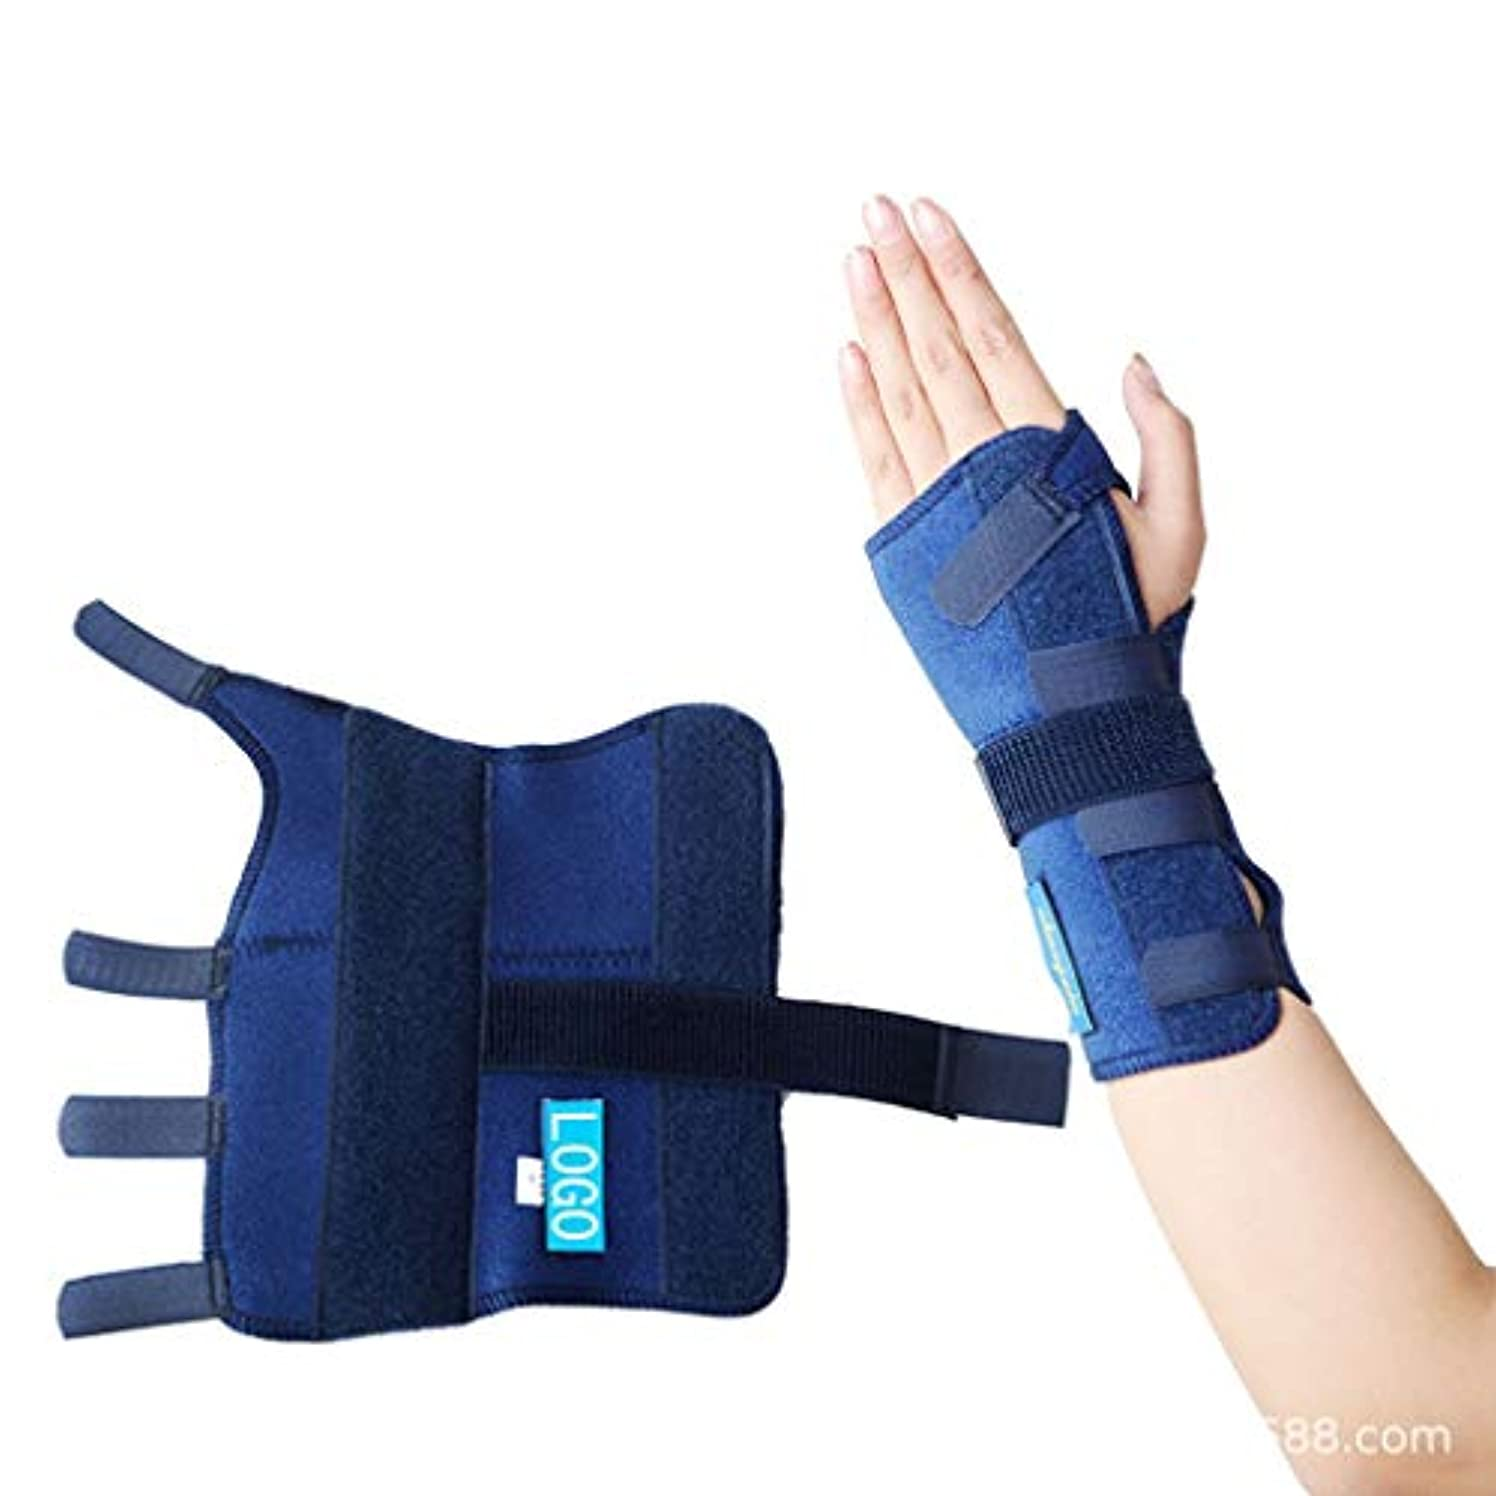 パラメータビル直立レリーフブレースコレクター親指手首傷害回復スプリント指セパレーター手矯正手根管関節痛リリーフコレクター指スプリント,Bluerighthand,XL